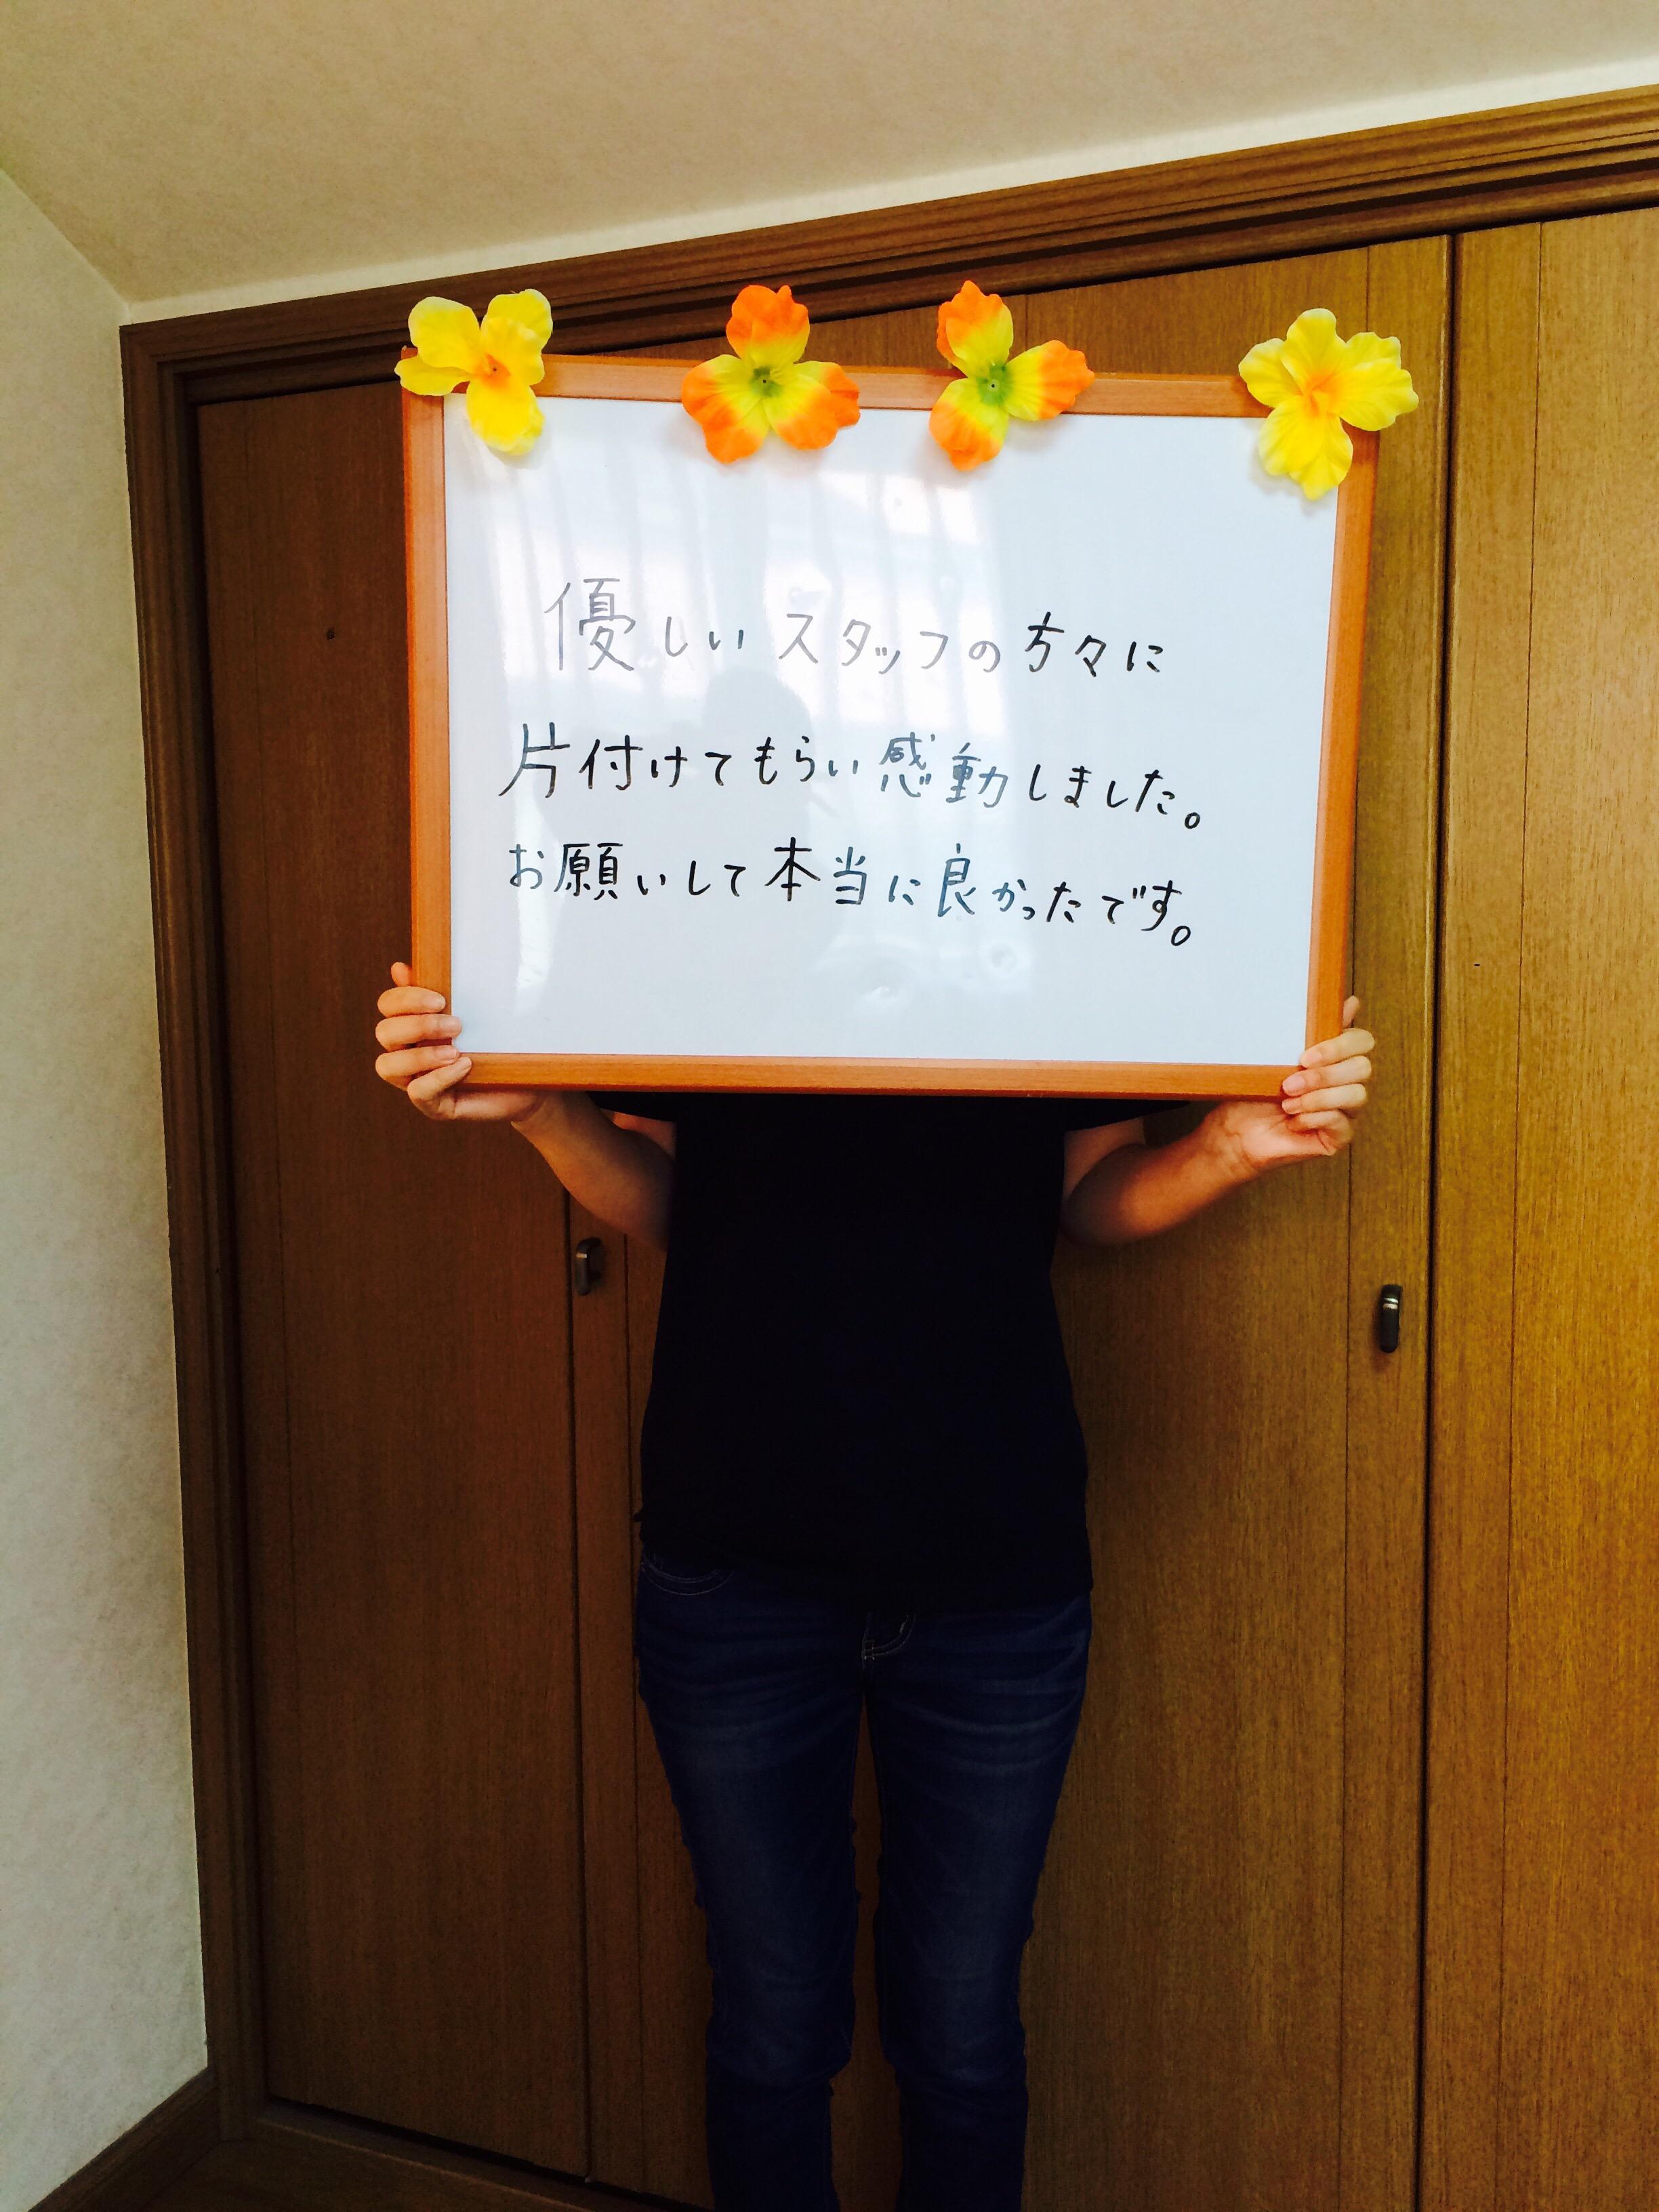 女性も安心、お部屋片付け日本一^_^